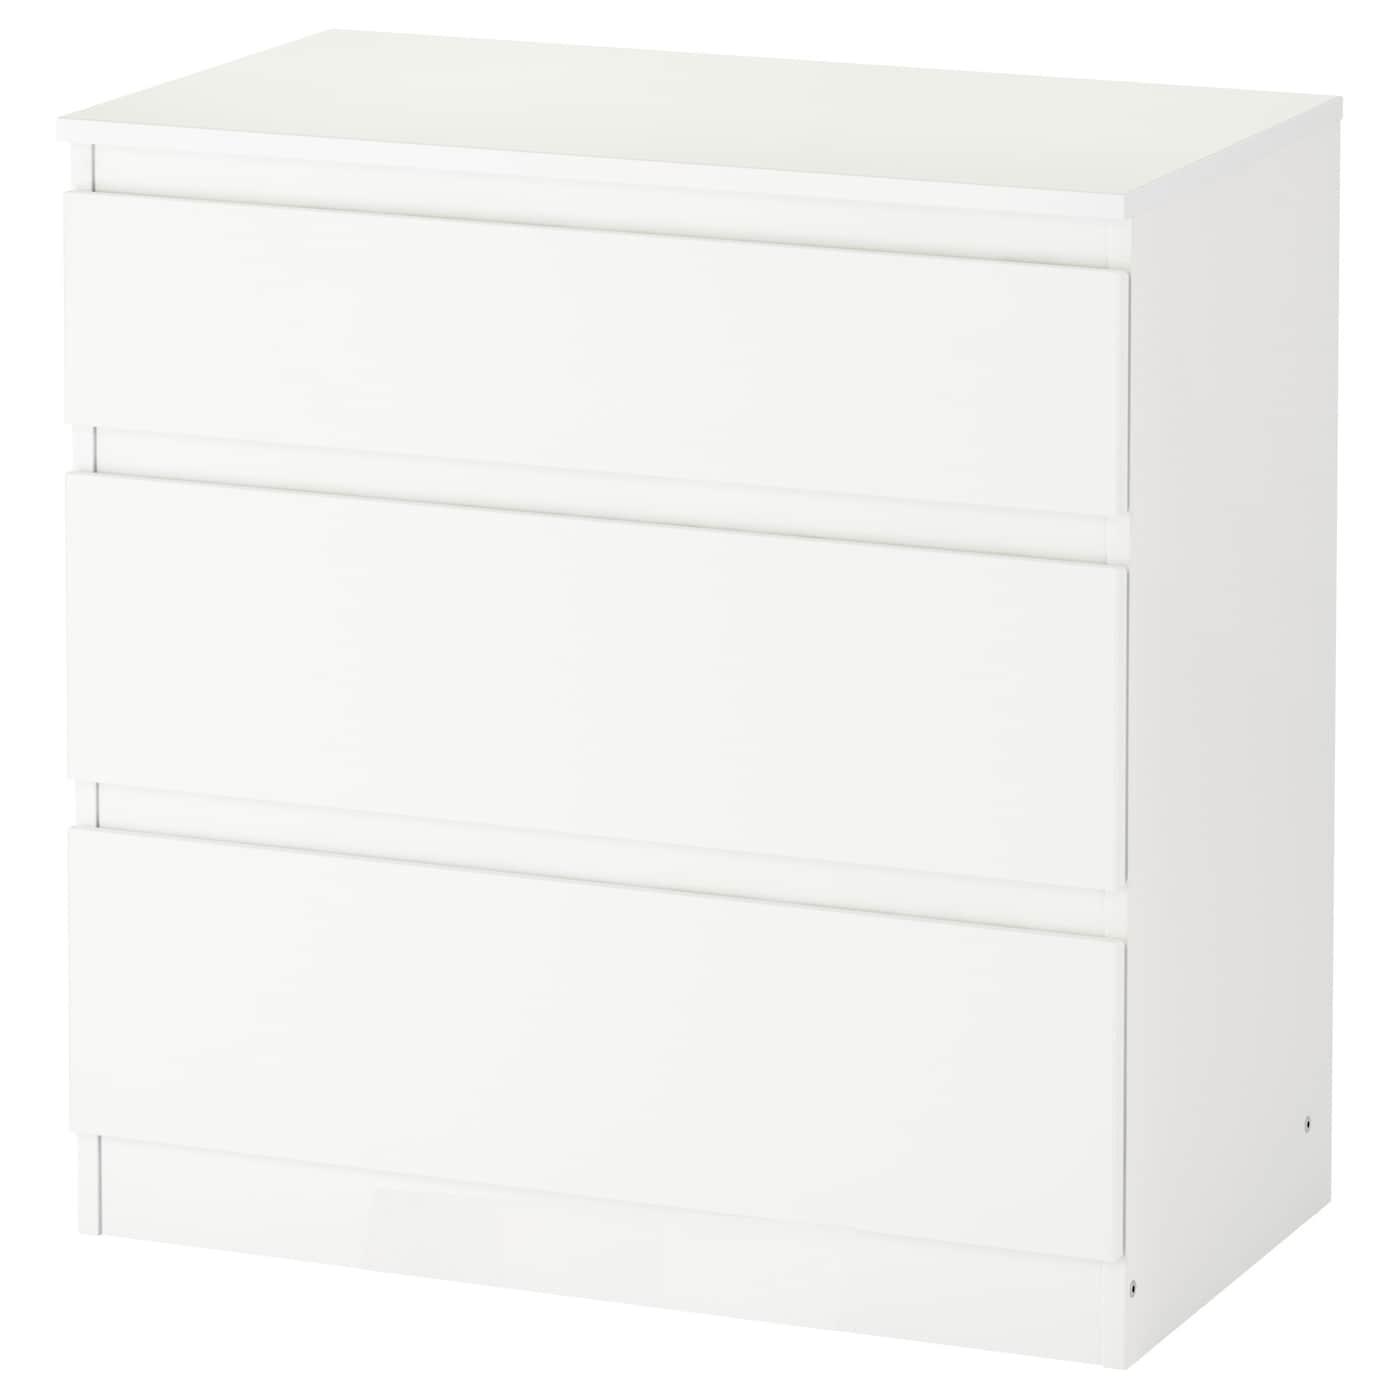 IKEA - KULLEN Ladekast 3 lades - 70x72 cm - Wit